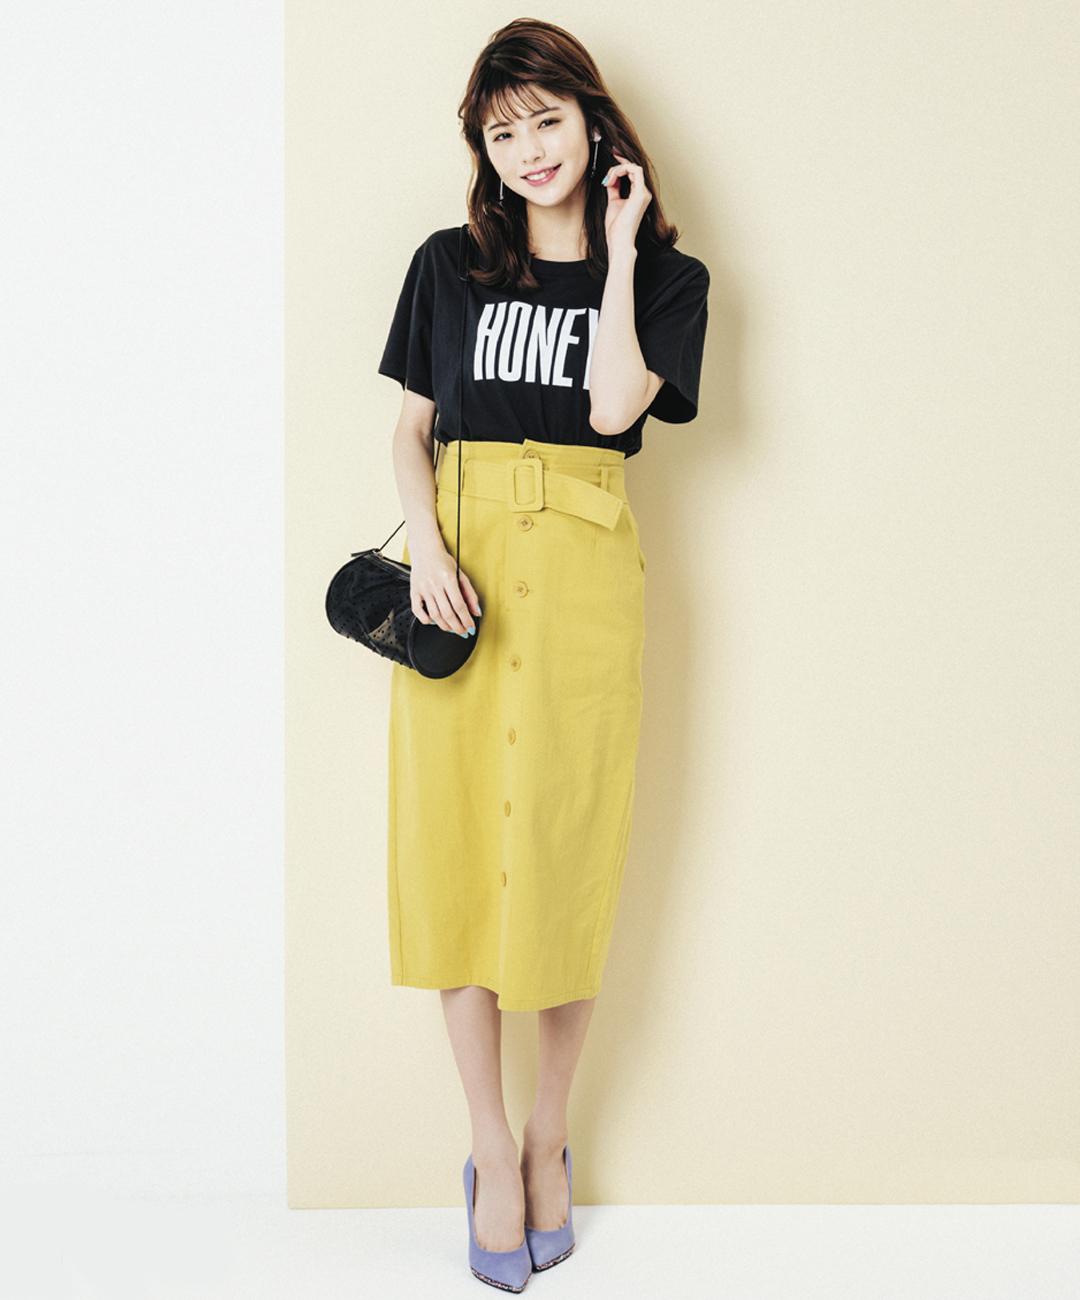 【夏のロングスカートコーデ】鈴木優華は、パキッとしたイエローのスカートでメリハリコーデ♪